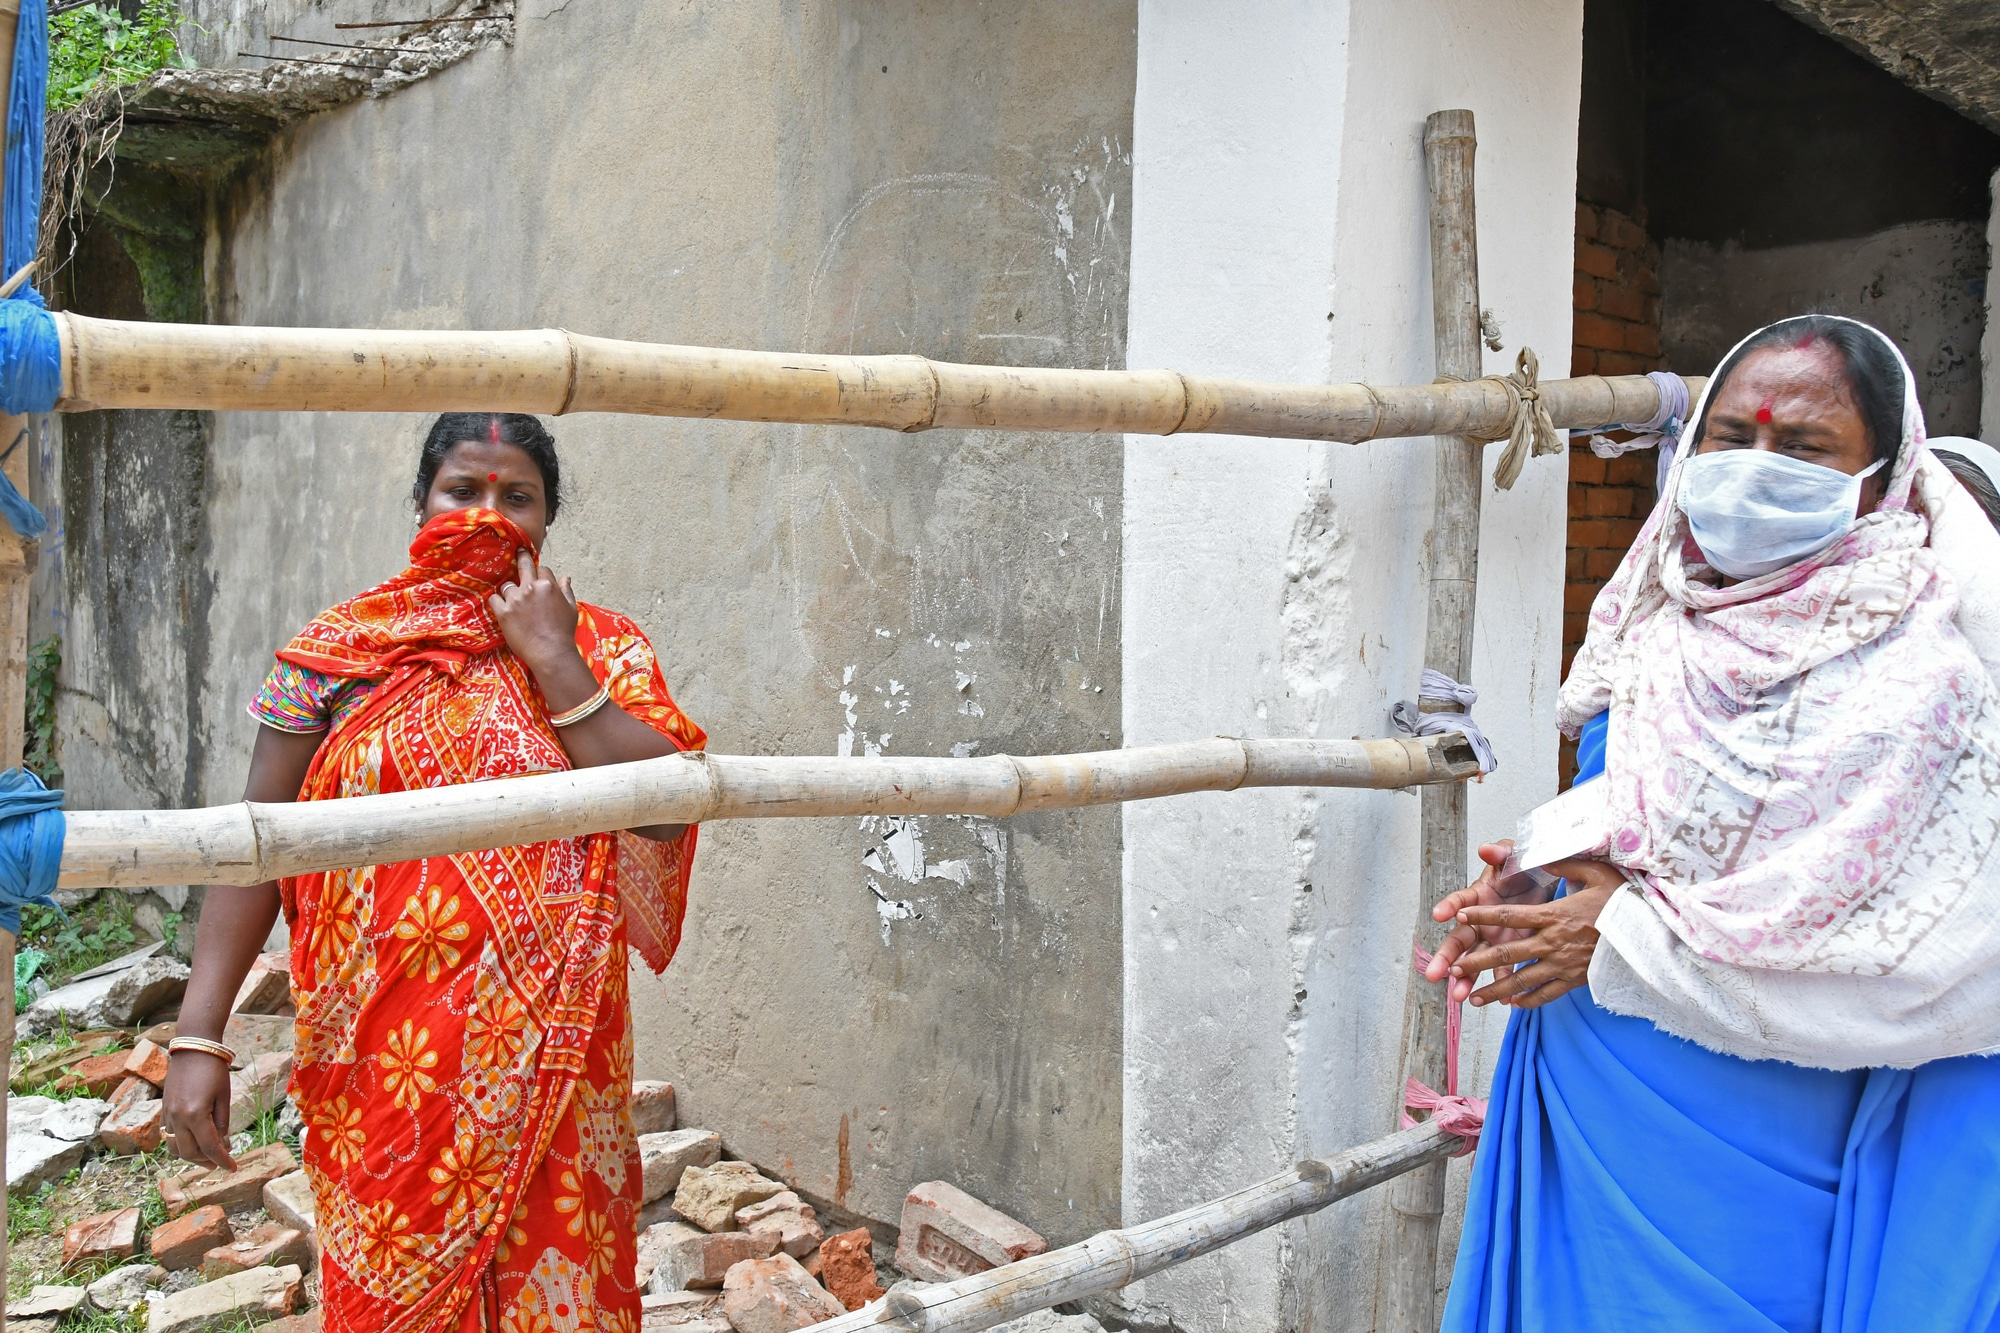 10-szer annyian is meghalhattak Indiában a járvány miatt